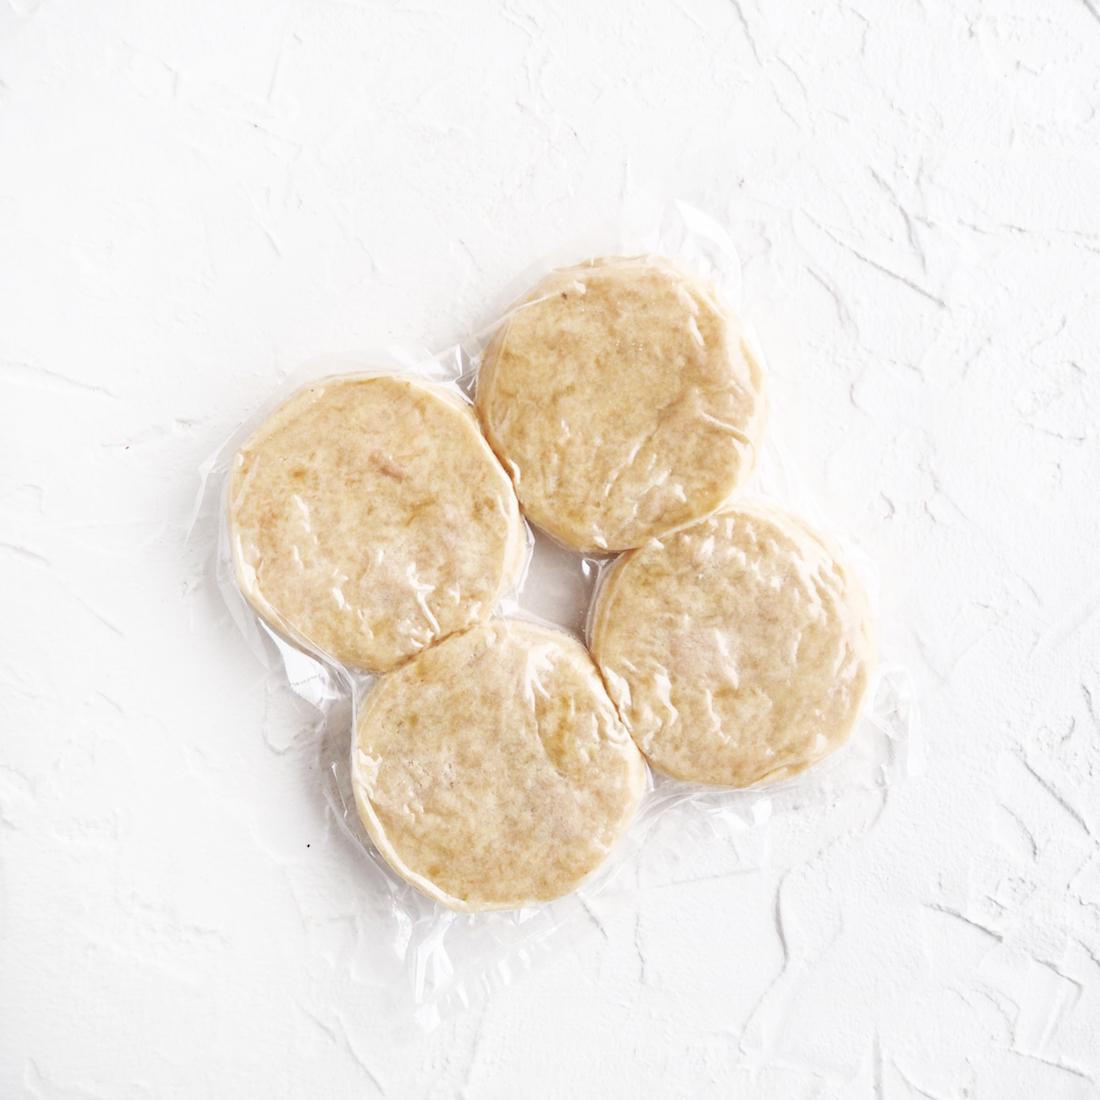 Замороженные куриные котлетки с копченым сливочным маслом (4 шт.)